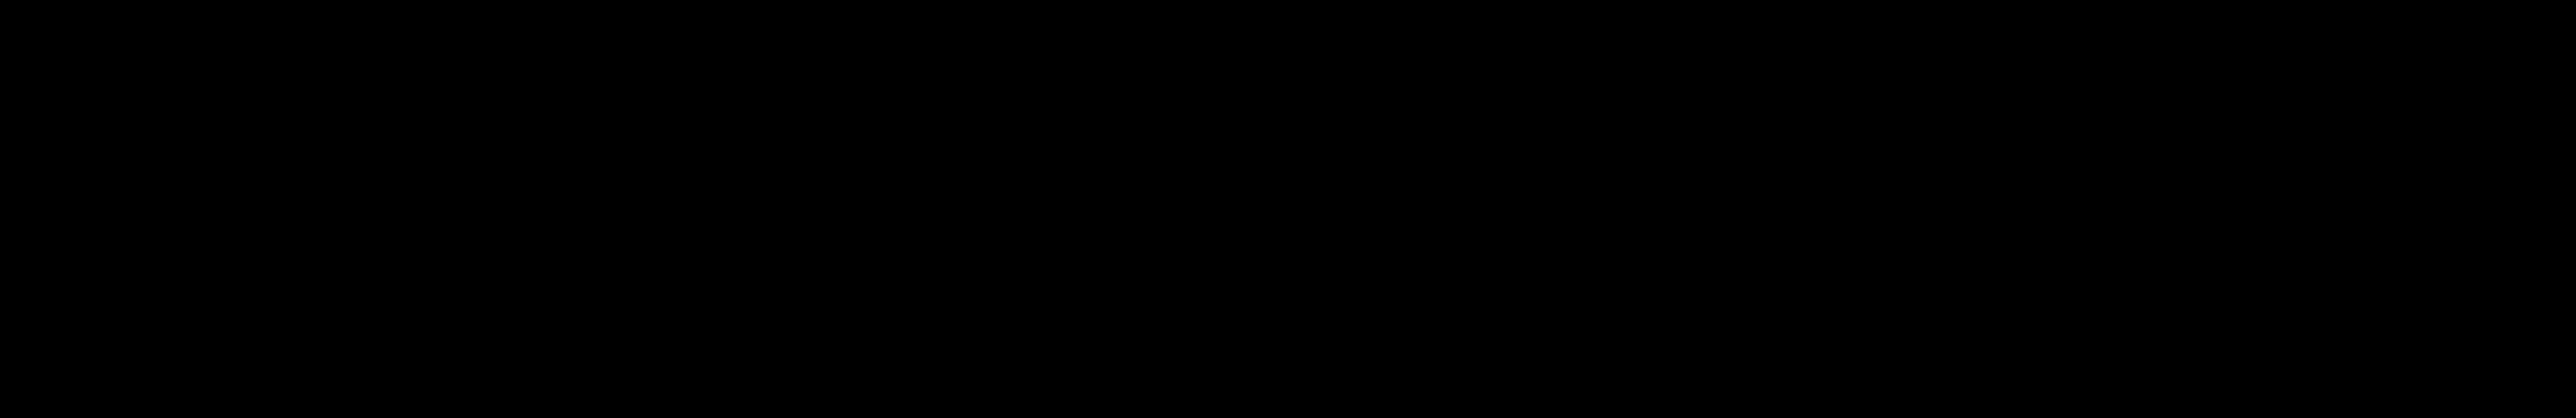 Ported namelogo transparent